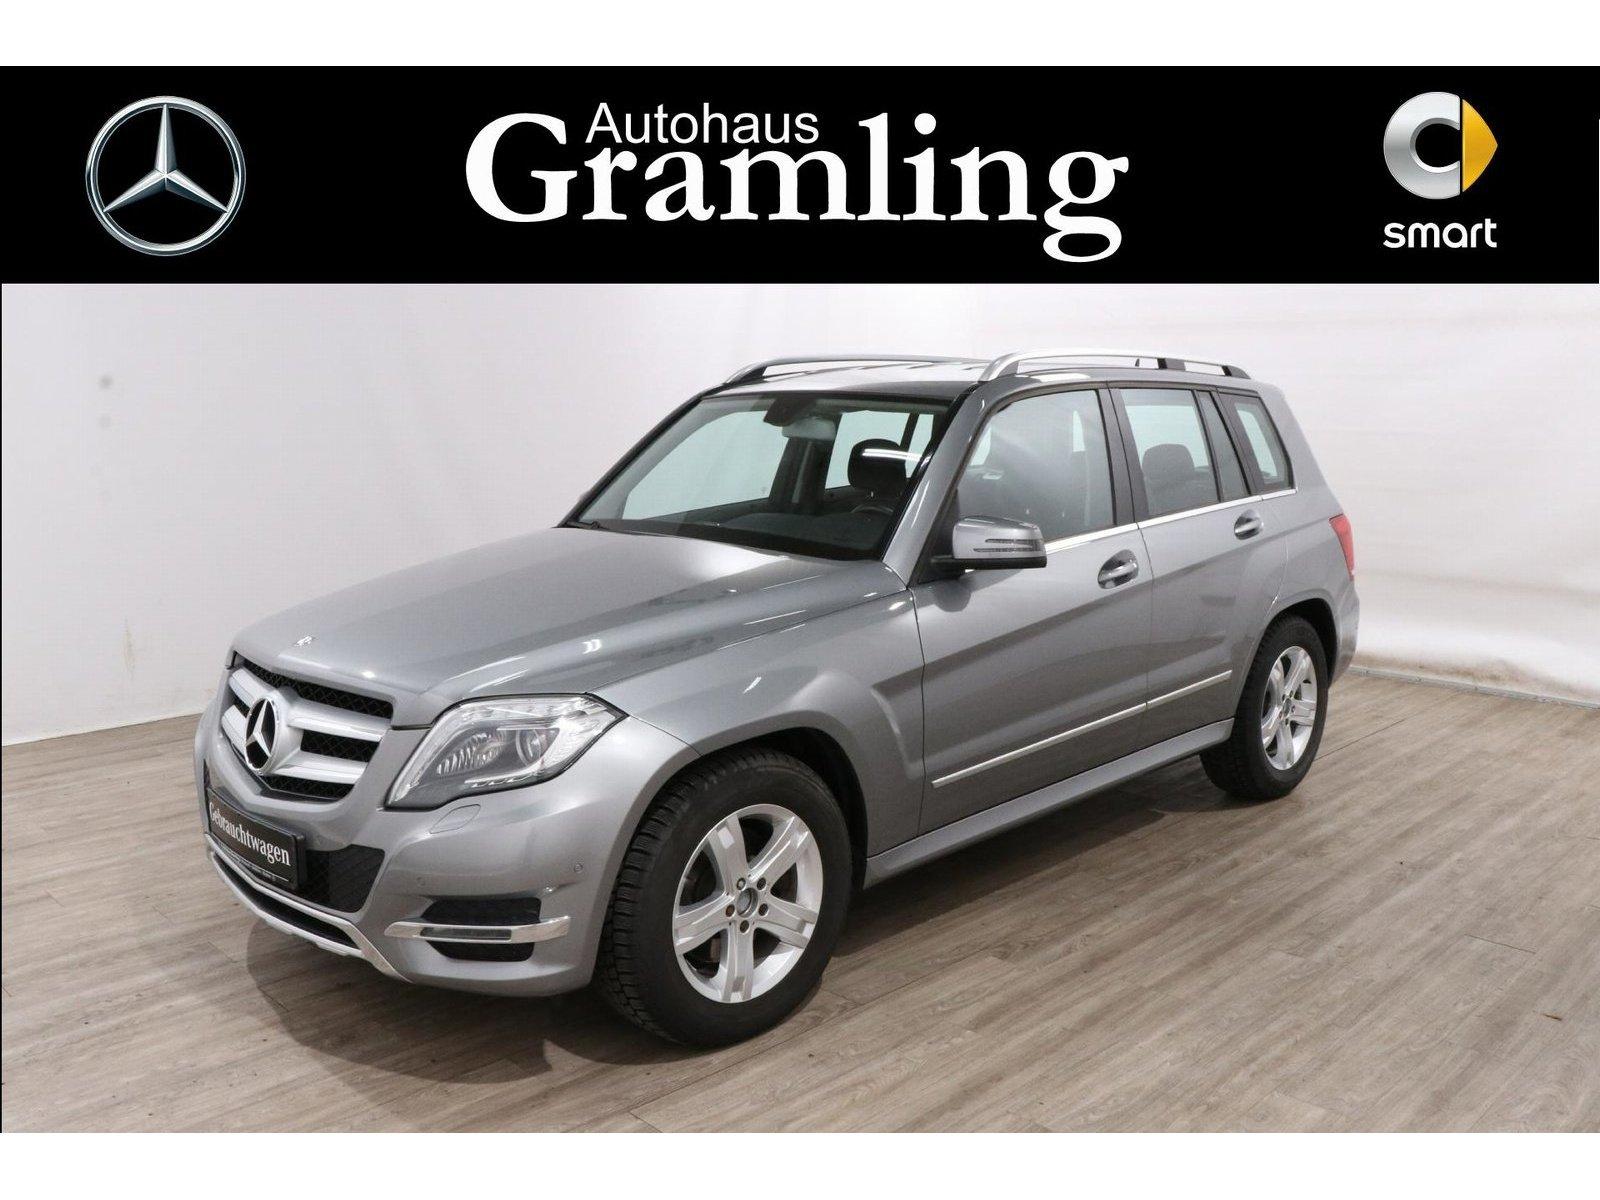 Mercedes-Benz GLK 220 CDI 4M Navi*AHK*ILS*PTS*elek. Heckklappe, Jahr 2013, Diesel